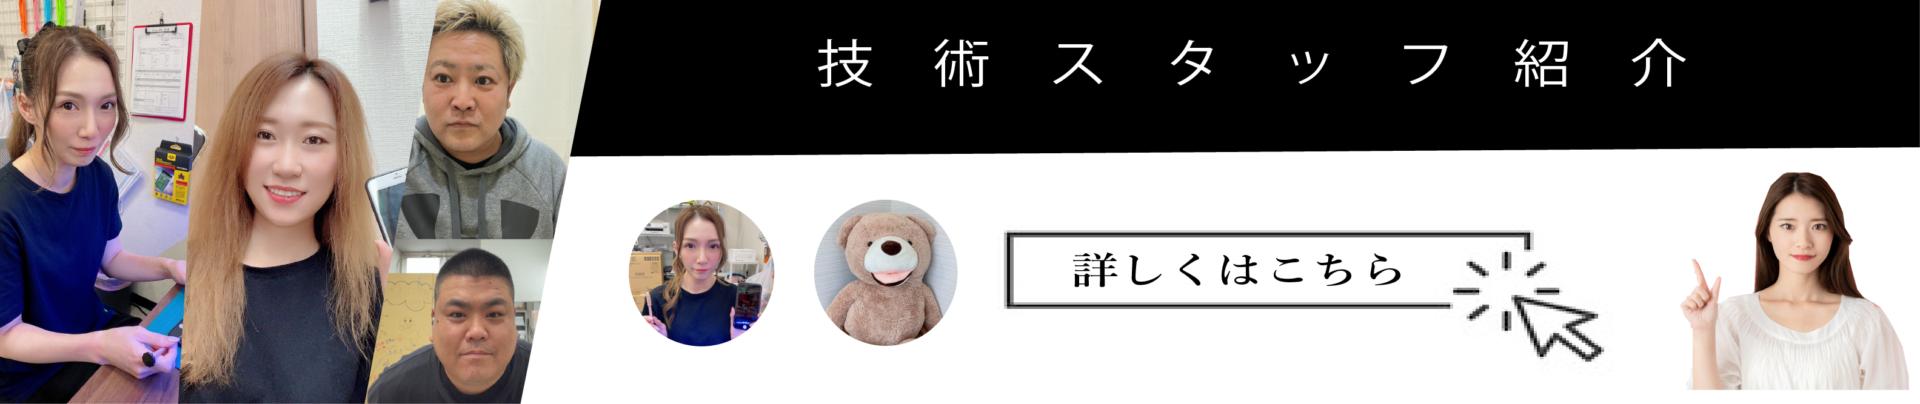 技術スタッフ紹介